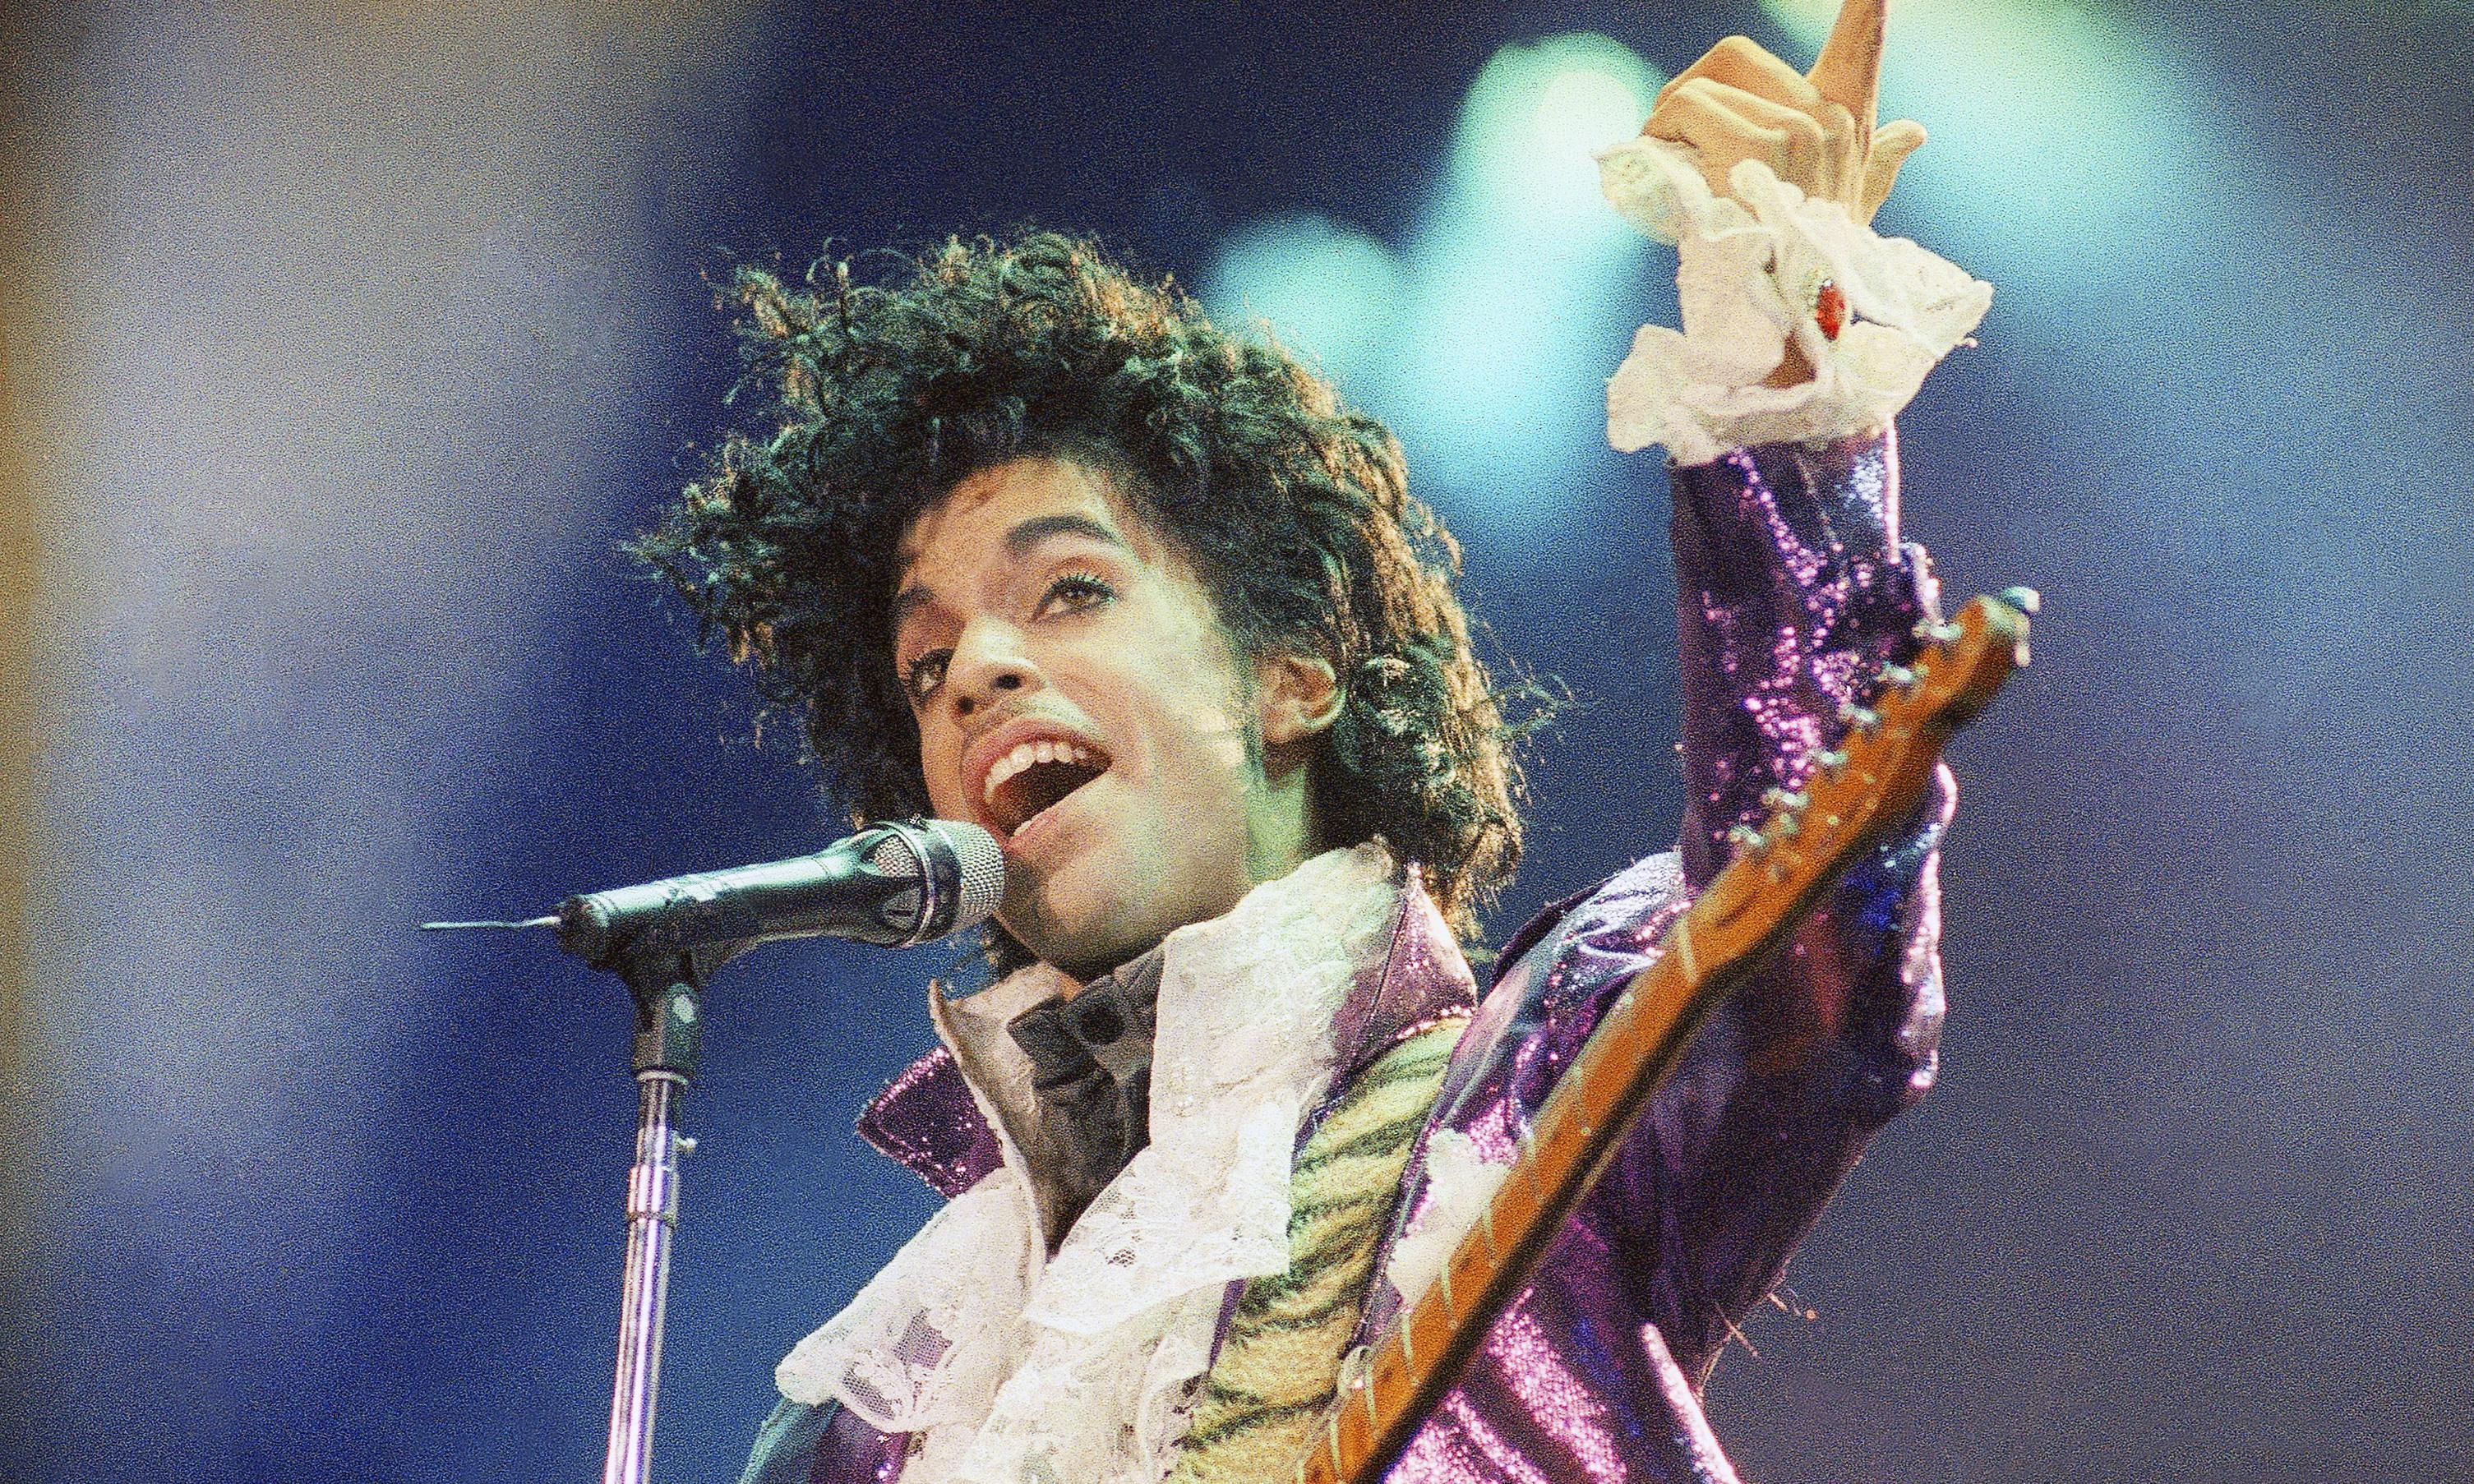 Prince: Originals review – his hits, his way